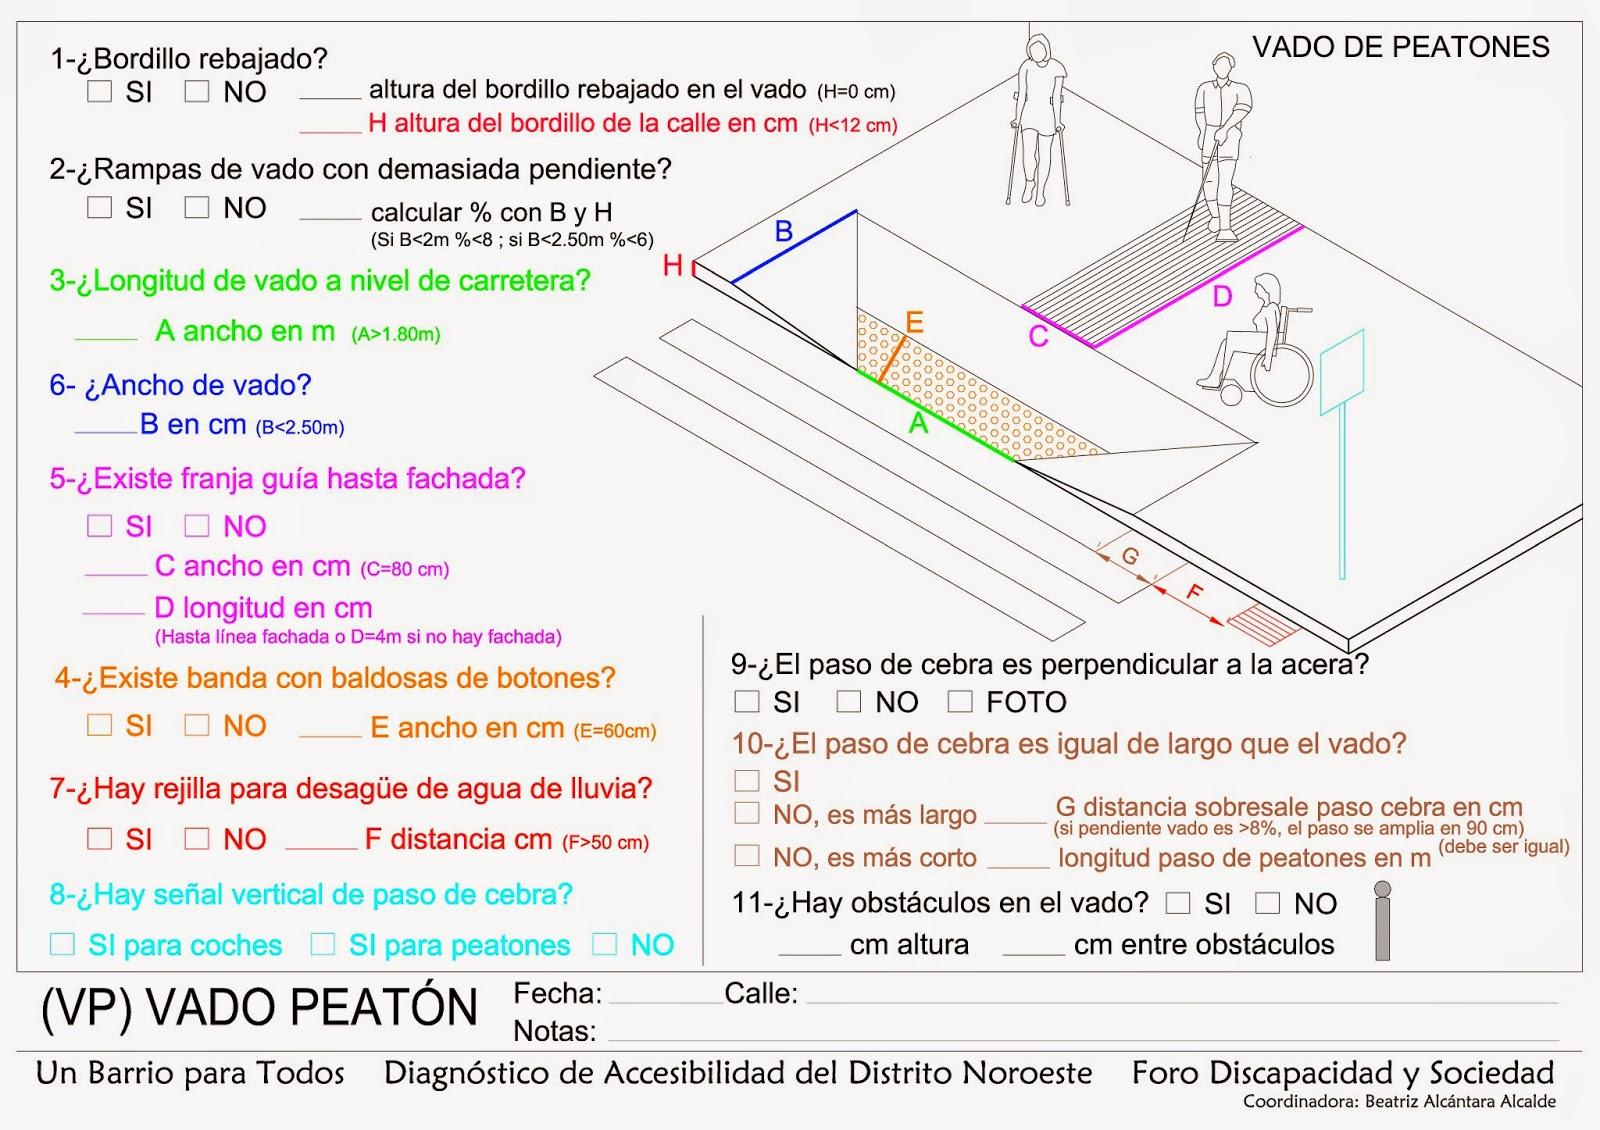 Representación gráfica de un vado de peatones junto con cuestionario de cumplimiento de normativa.